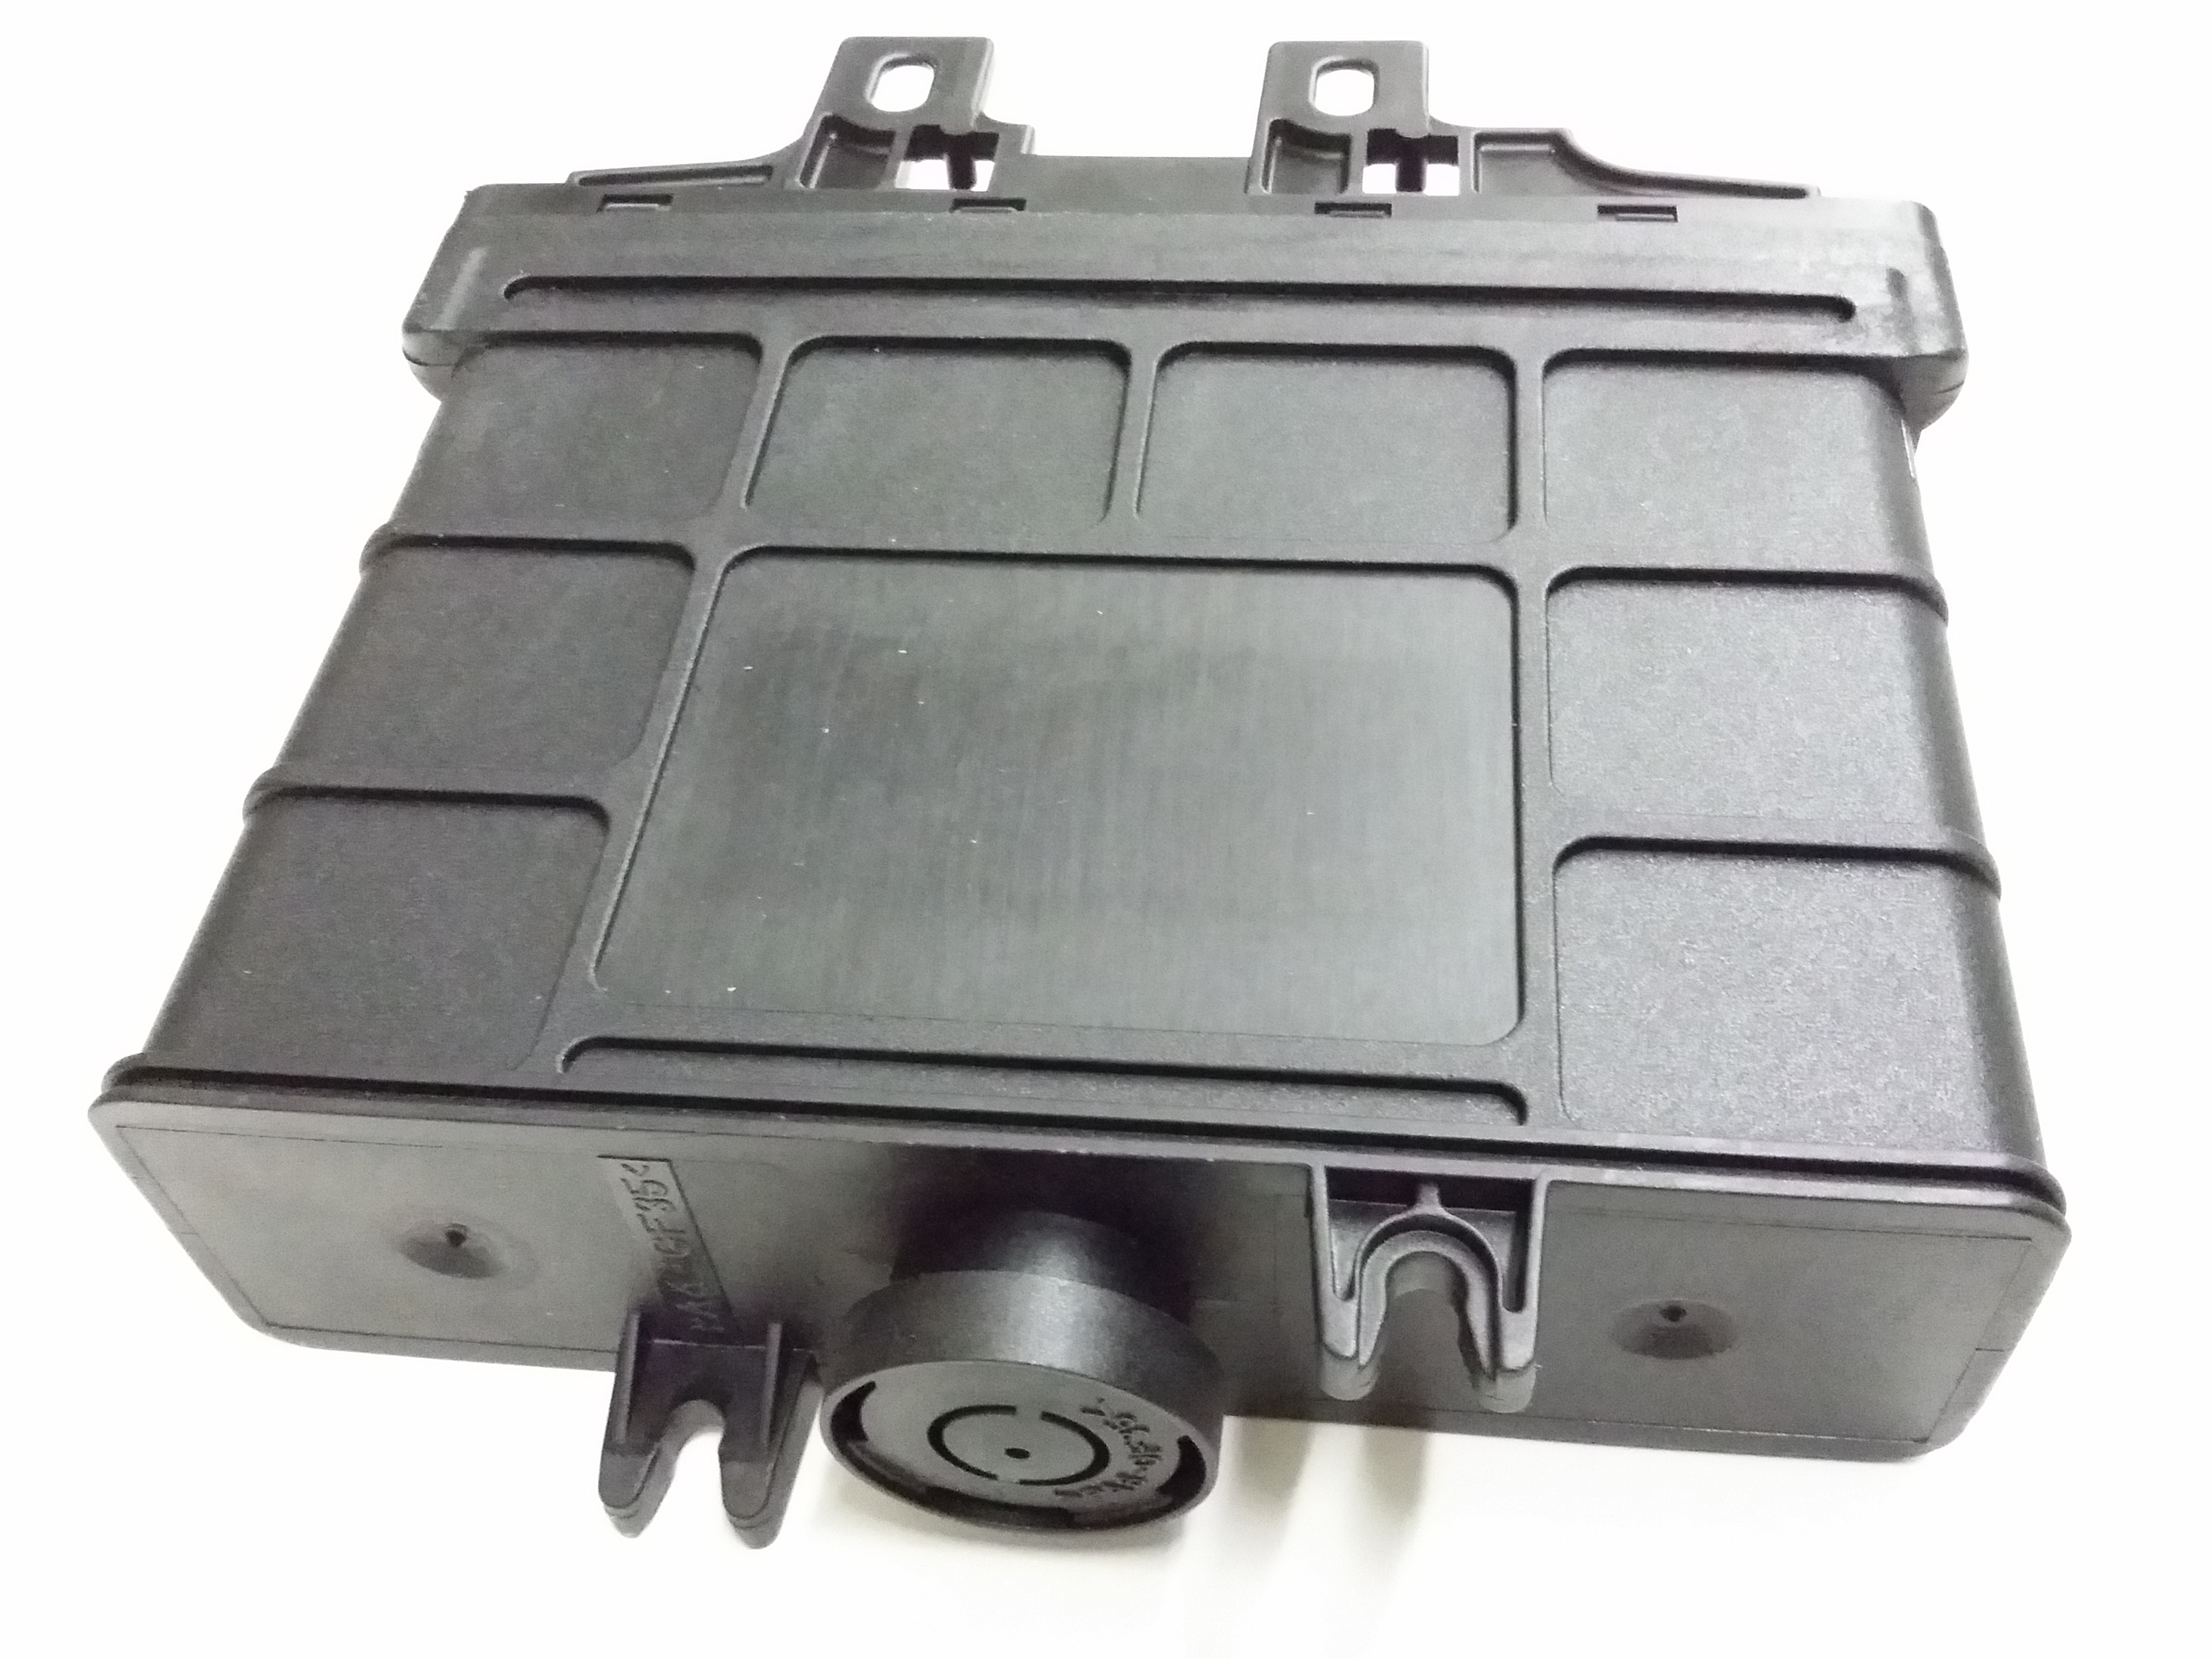 01P927733BF - Automatic Transmission Control Module. CONTOUR UNIT - Genuine Volkswagen Part